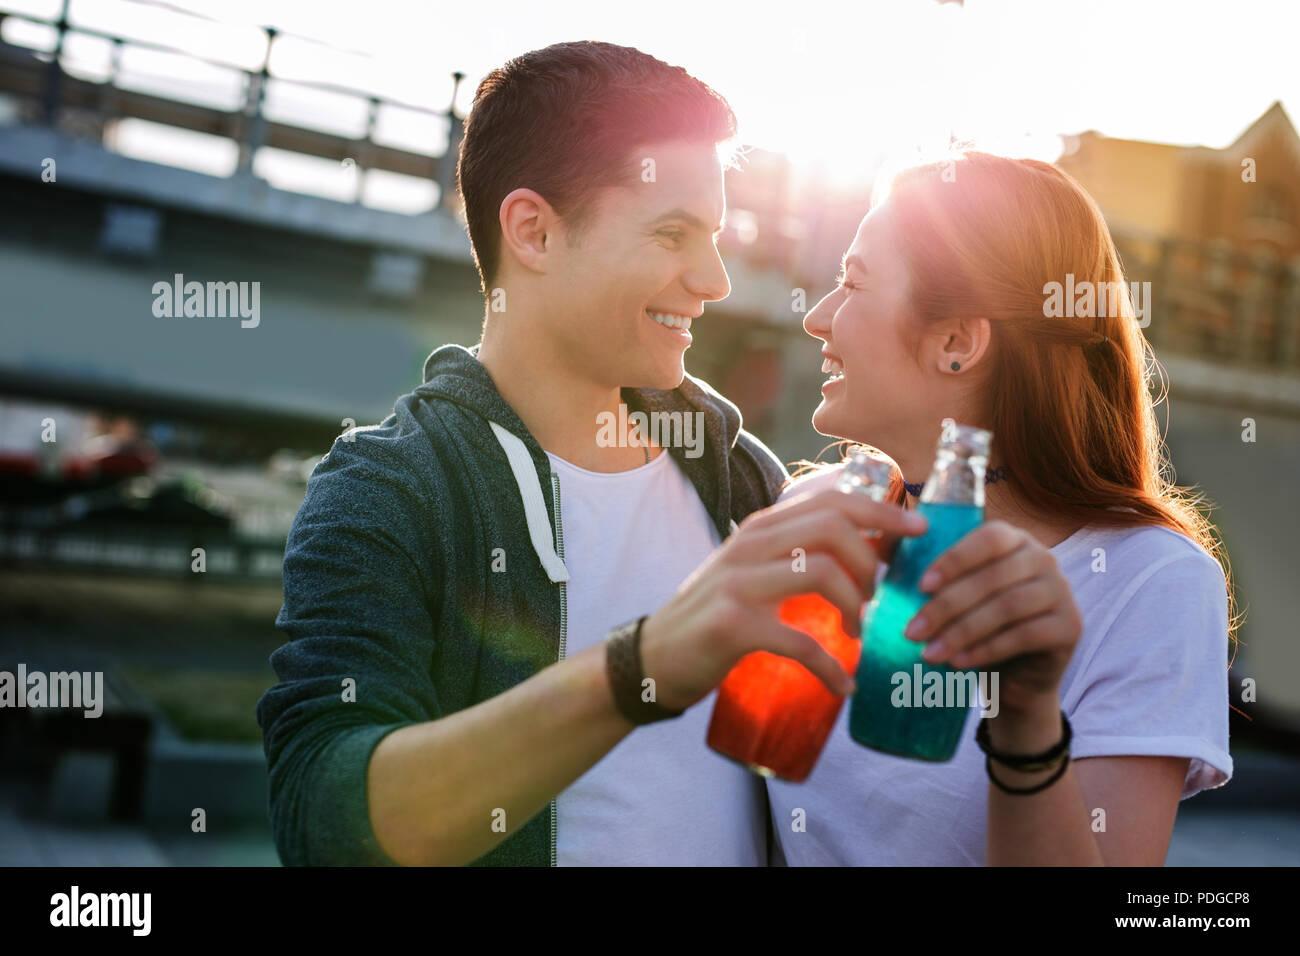 Linda pareja feliz vítores con bebidas dulces recuerdos. Imagen De Stock